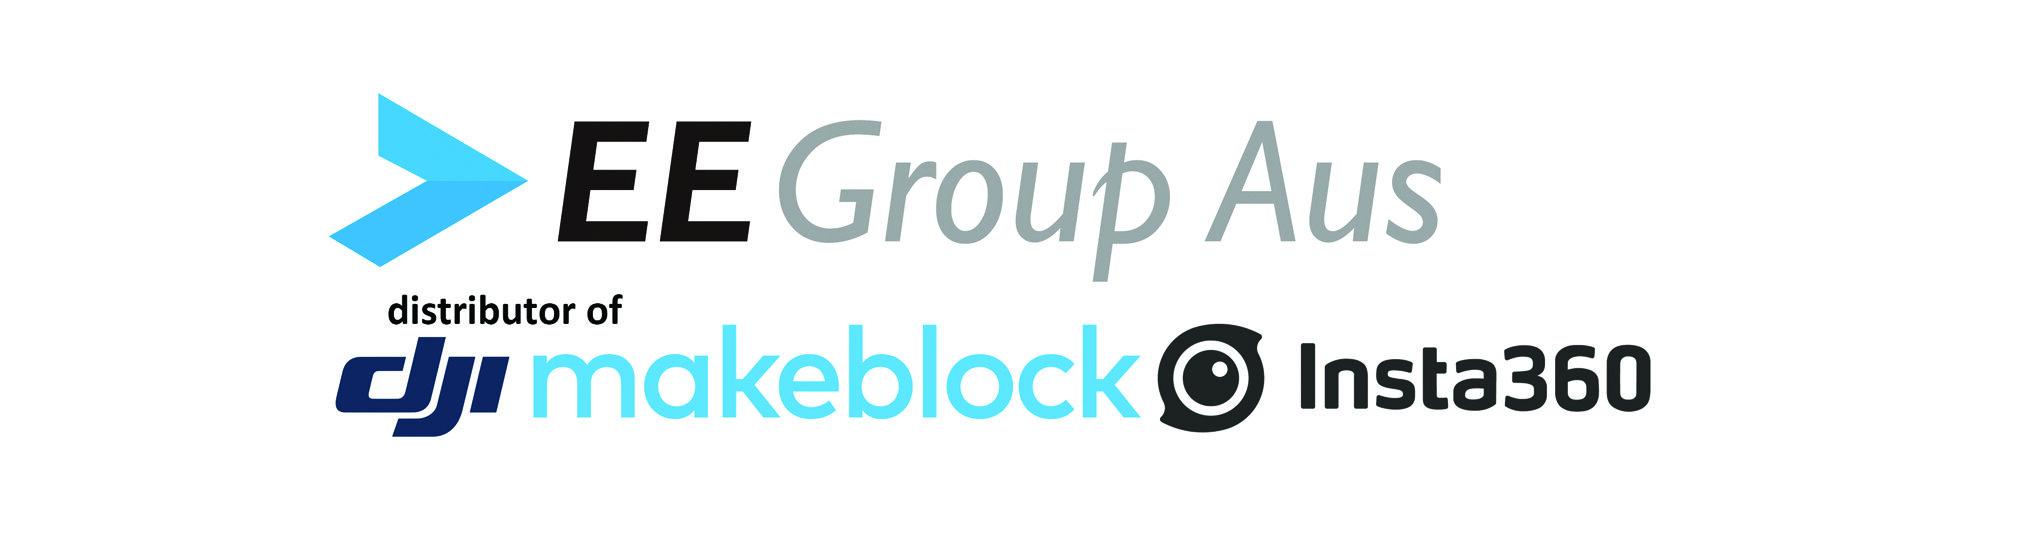 EE Group.jpg